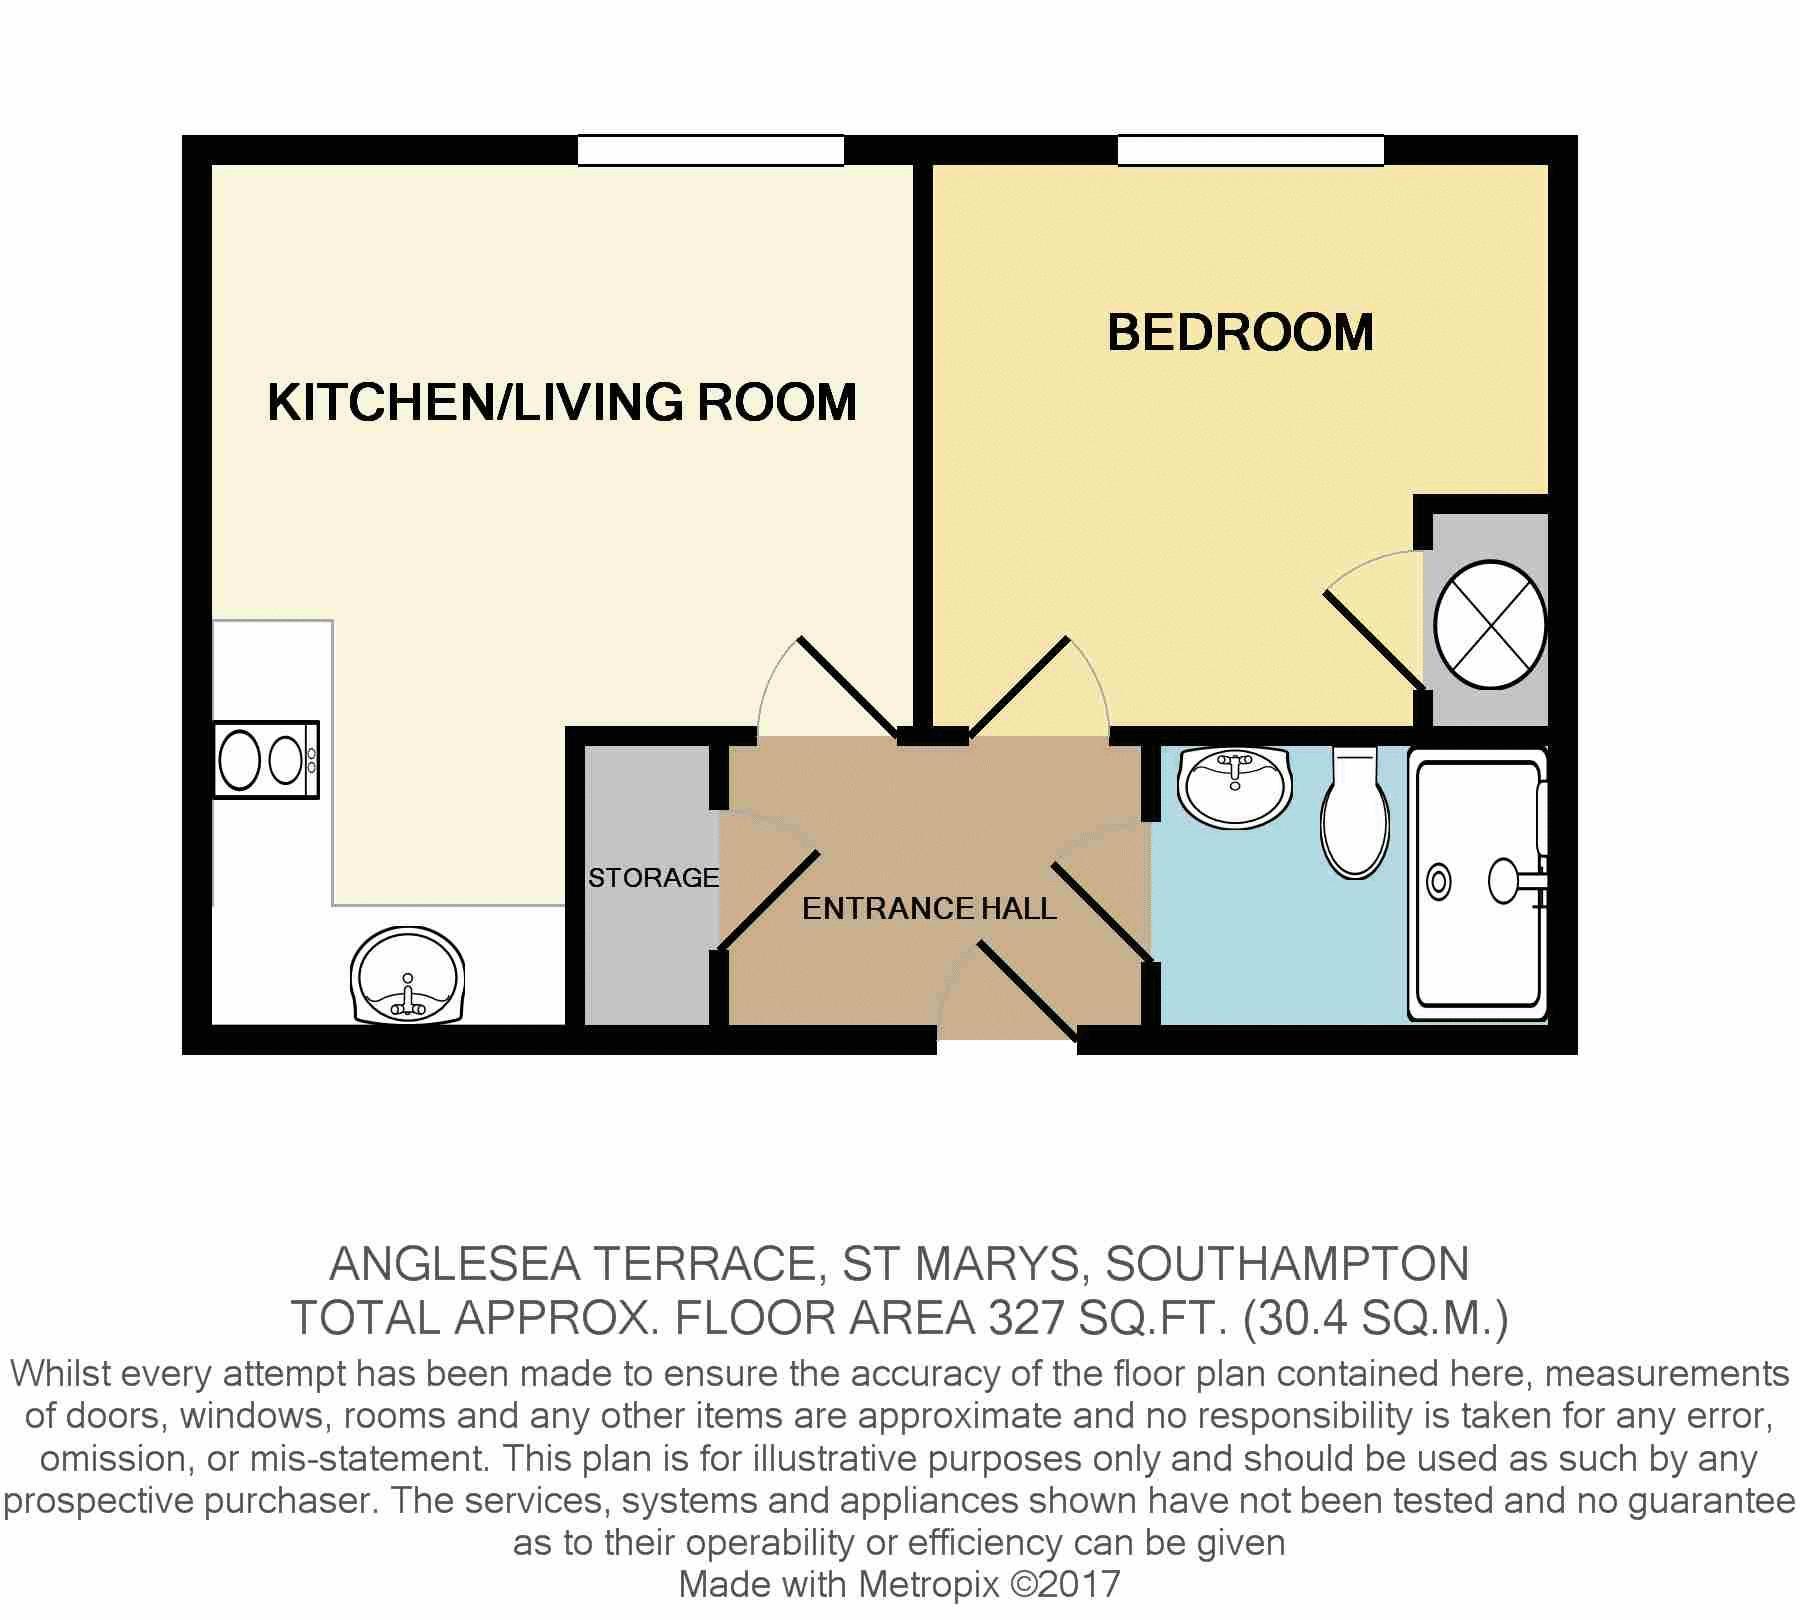 Anglesea Terrace St Marys